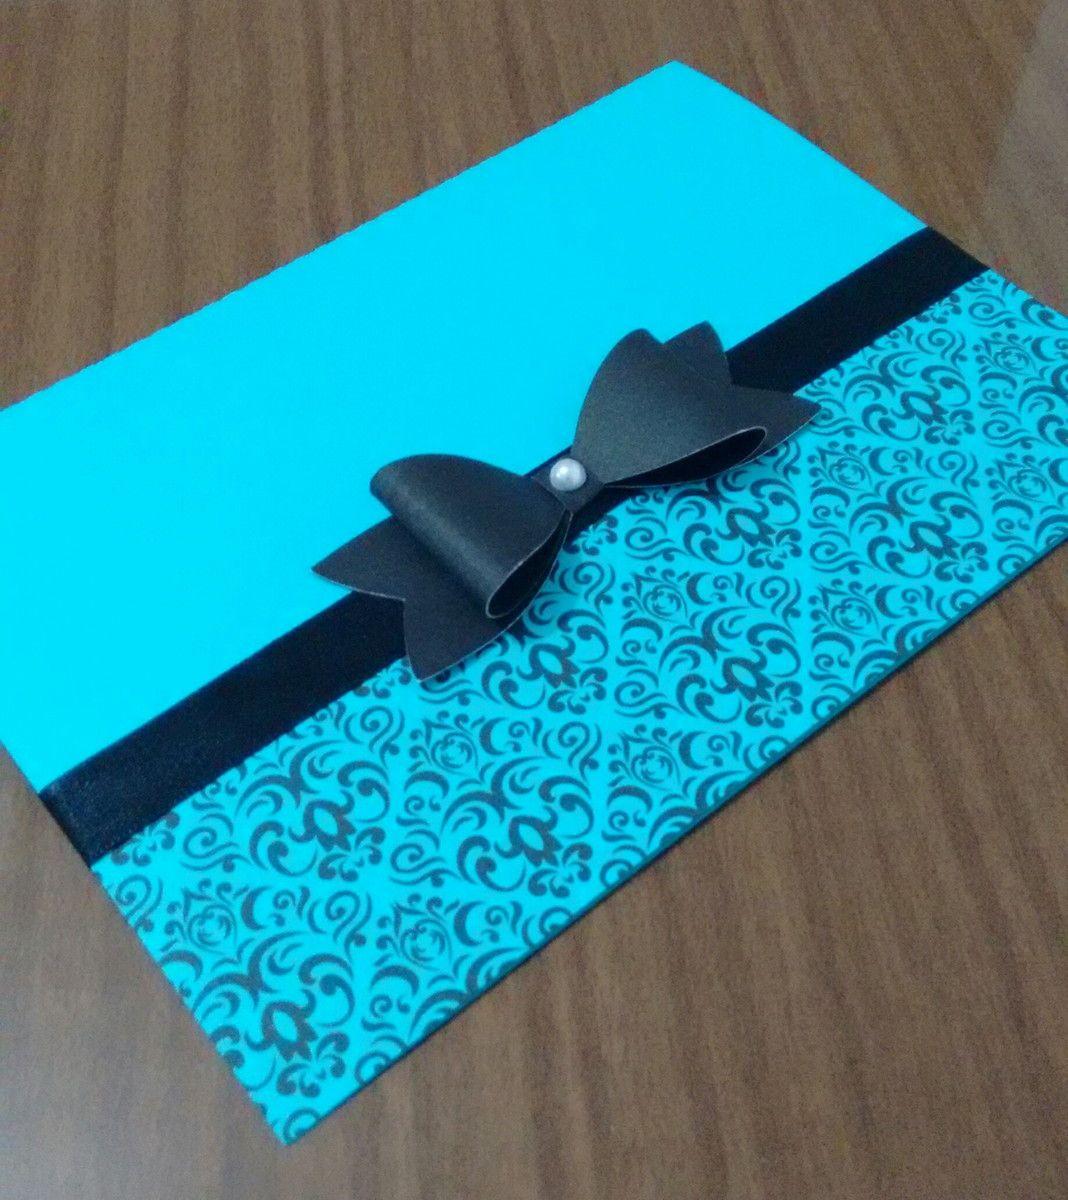 Convite 15 anos com arabescos nas cores Azul tiffany e preto.  Feito em papel 180g.    LAYOUT, FONTES E CORES: Poderão ser alterados sem acréscimo no valor do convite.    Adicionais  ---------------------------------  Convite individual: R$0,20 (unidade)  Tag com o nome dos convidados: R$0,20 (un...